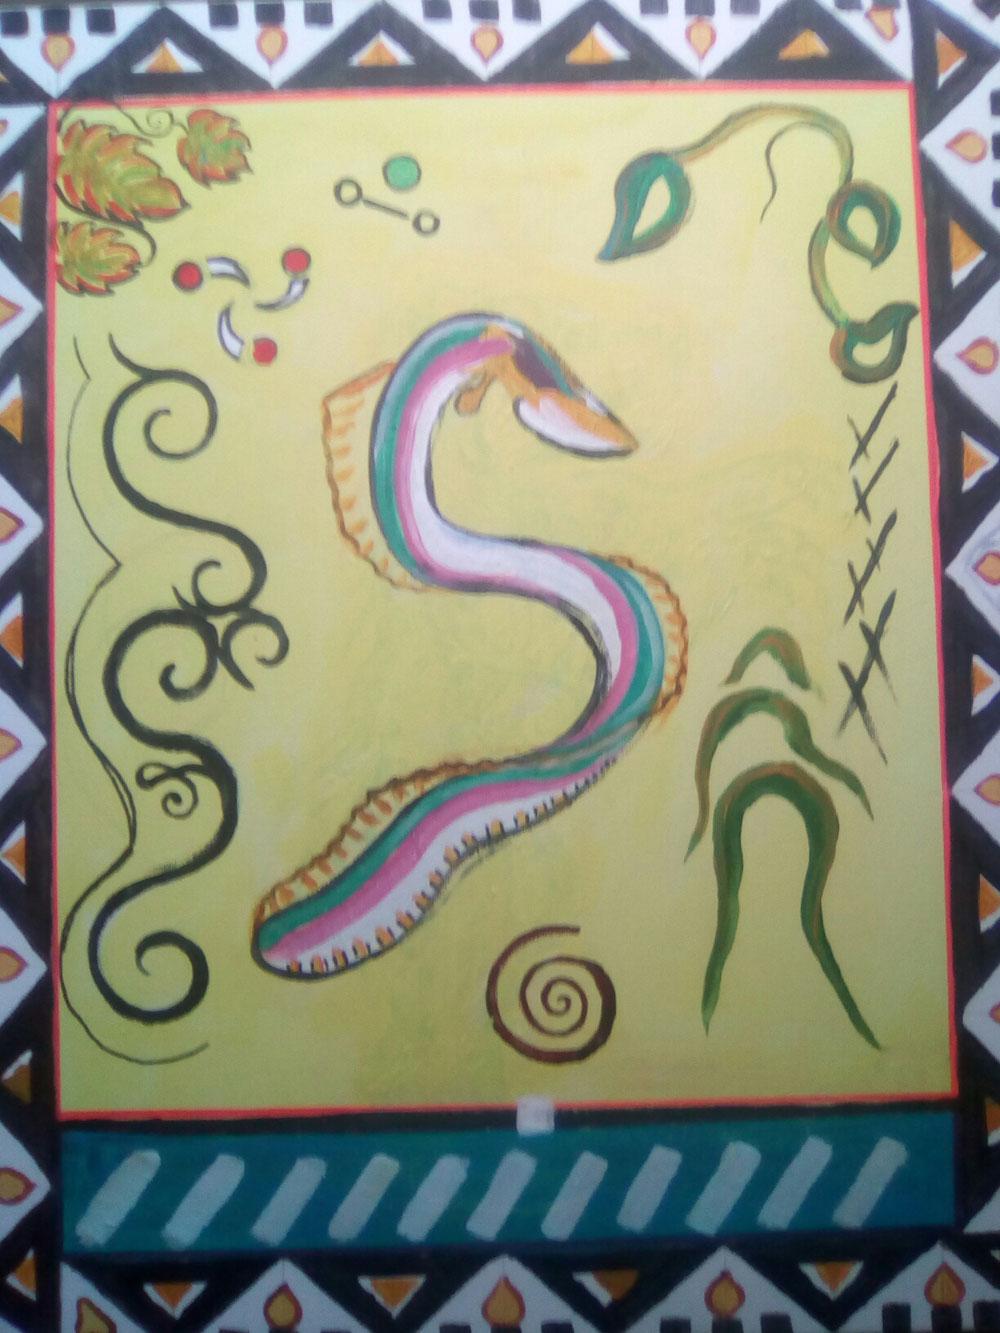 Spiritualité, la philosophie de l'anguille.